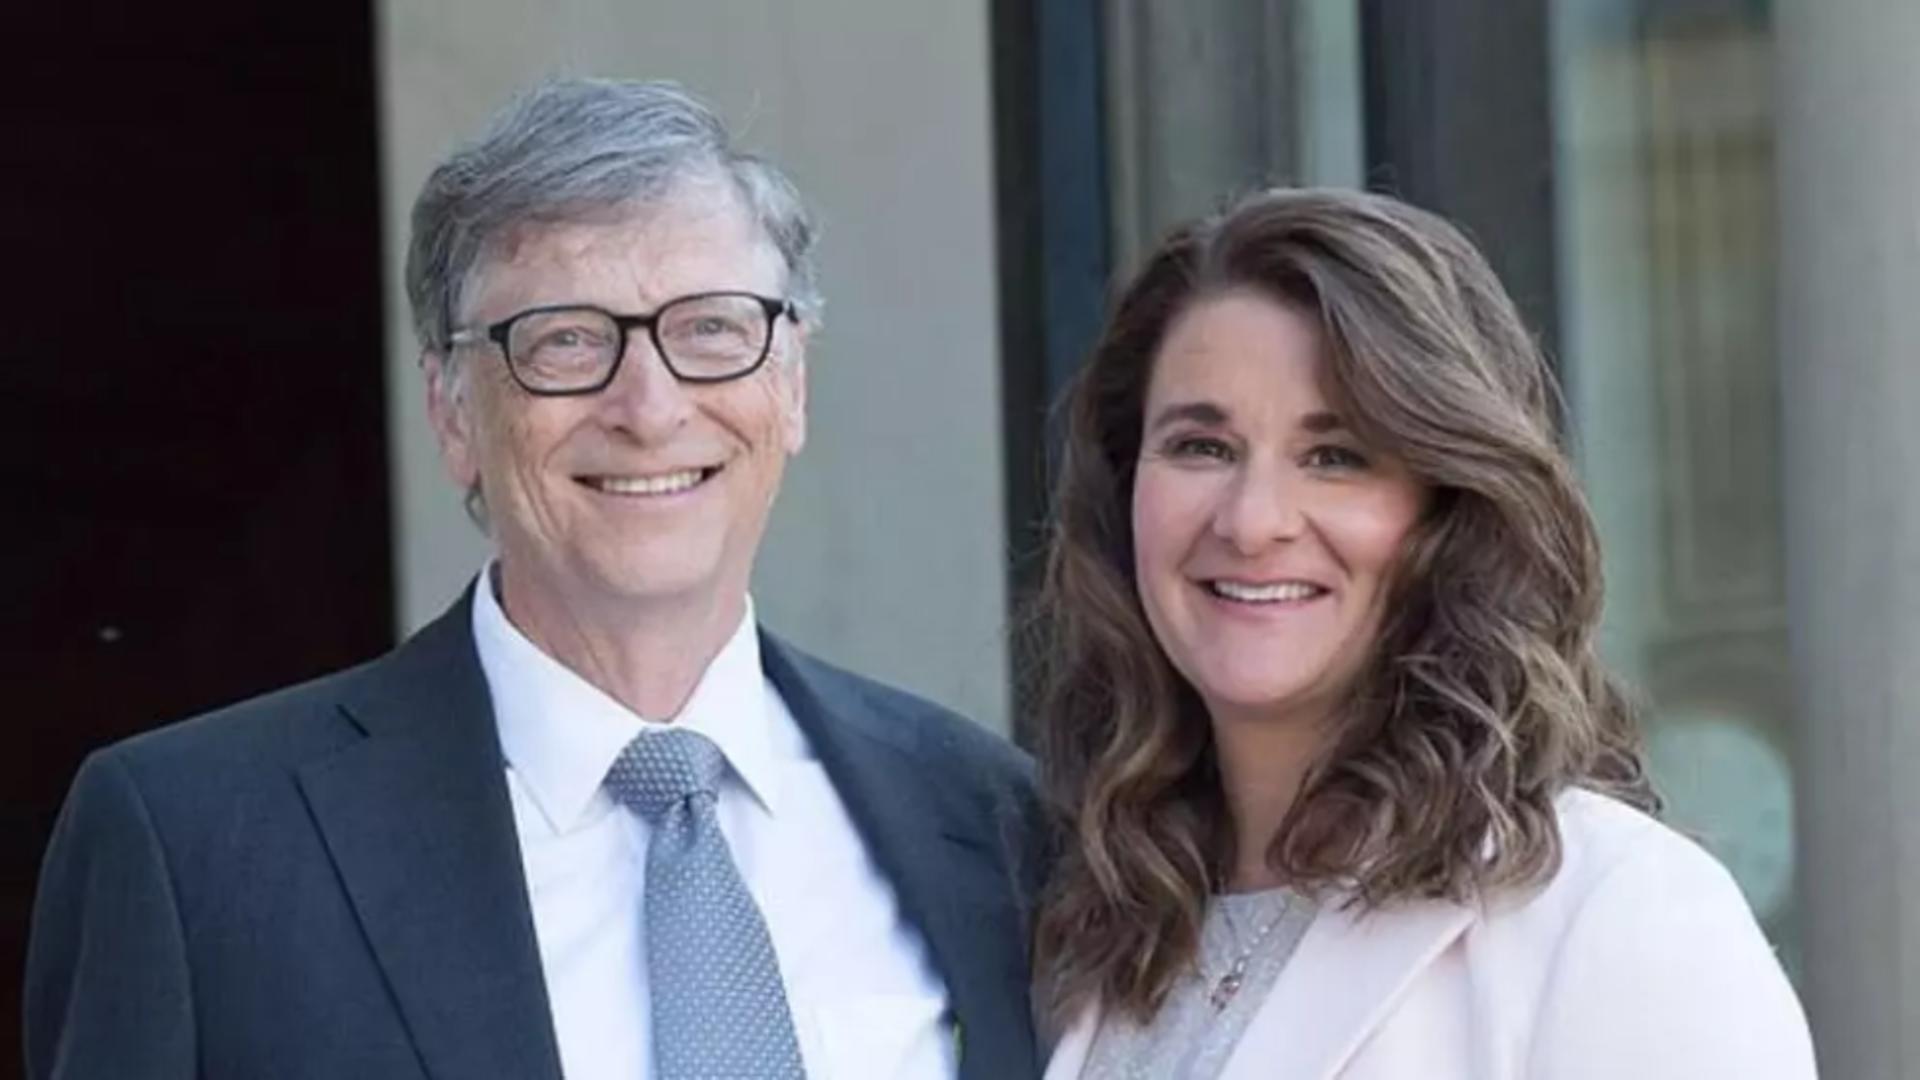 Bill și Melinda Gates divorțează după 27 de ani de căsnicie